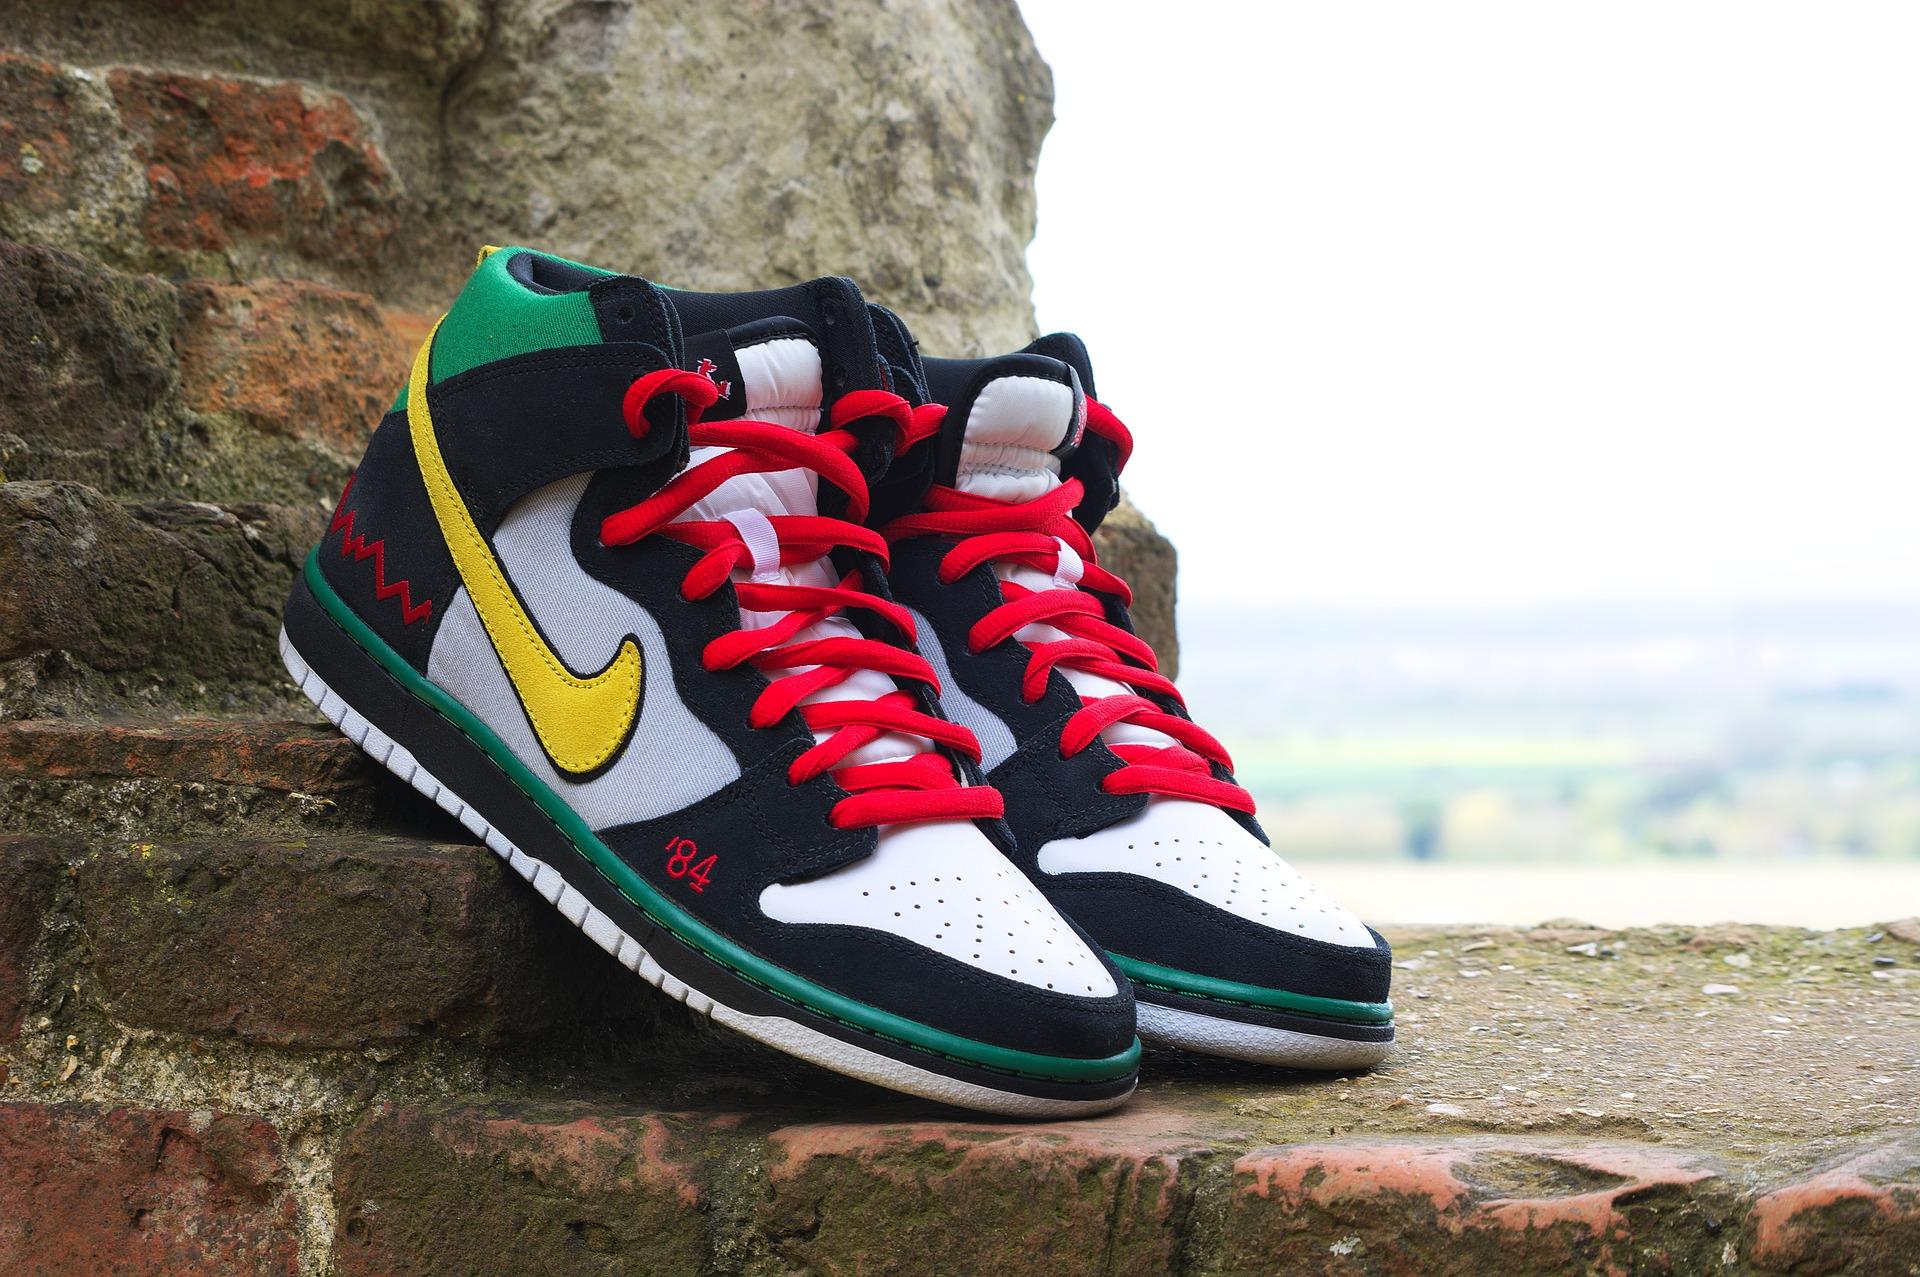 paraguas El principio escala  Hoe vallen Nike schoenen? Zo voorkom je retourneren! - Yes Girl